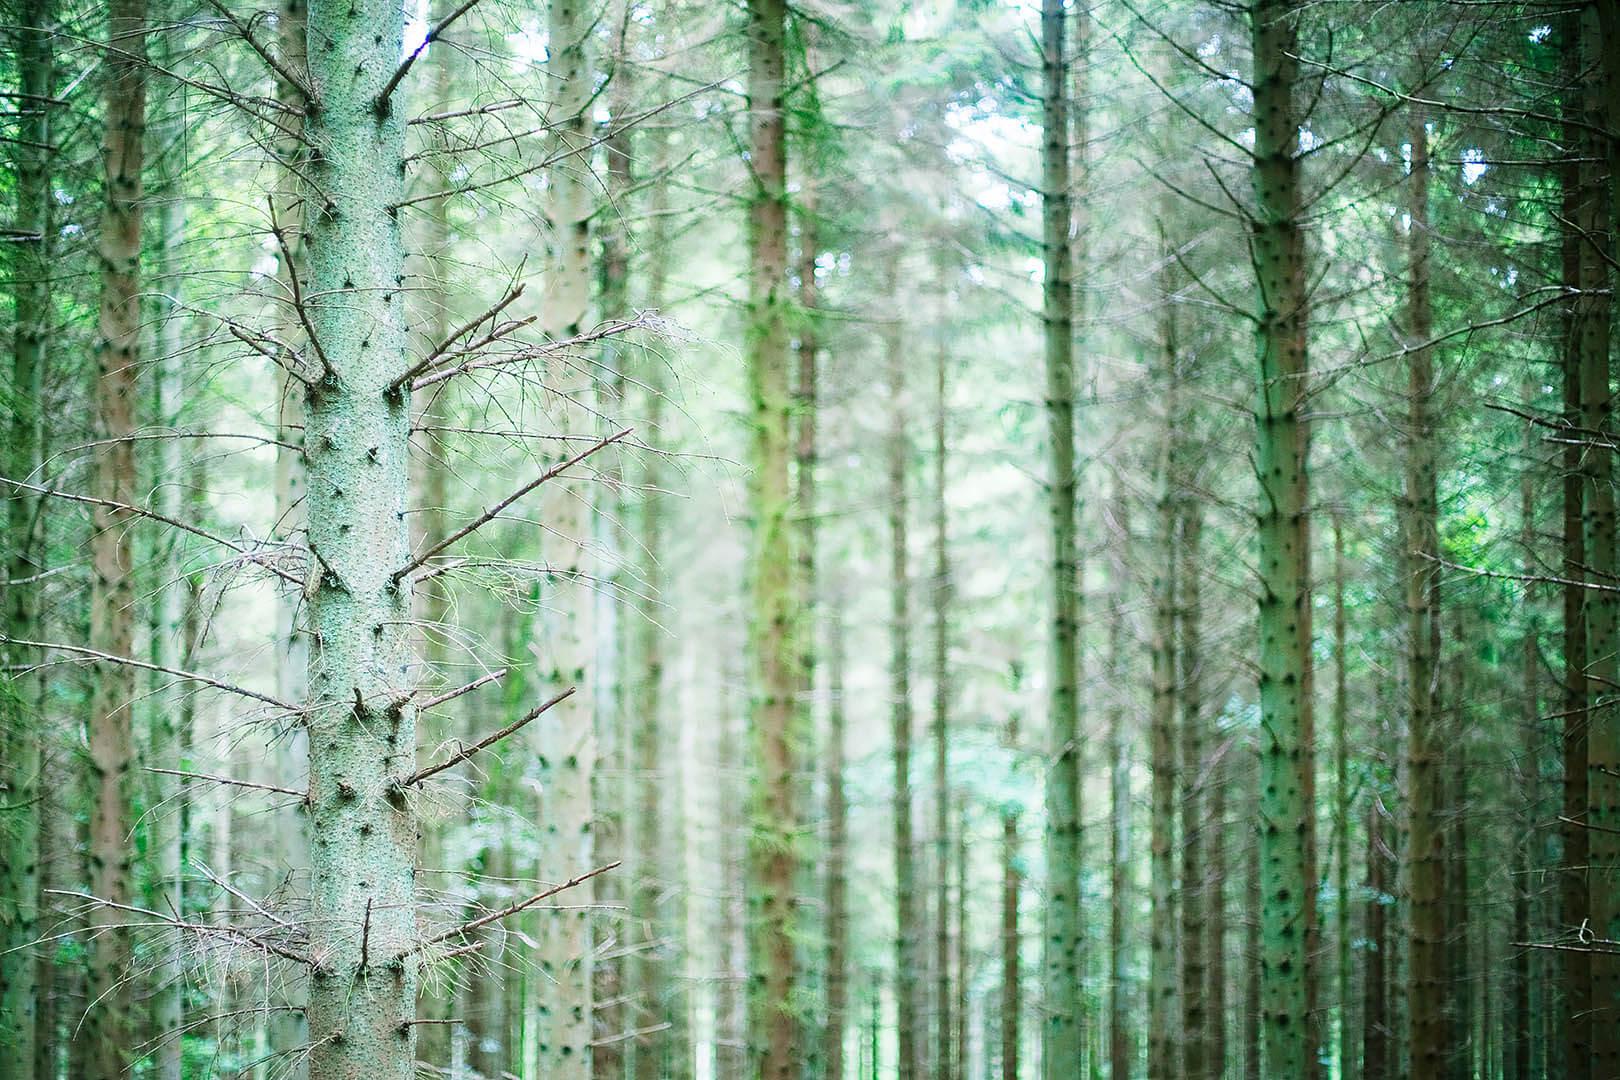 Chawton Park Woods #8